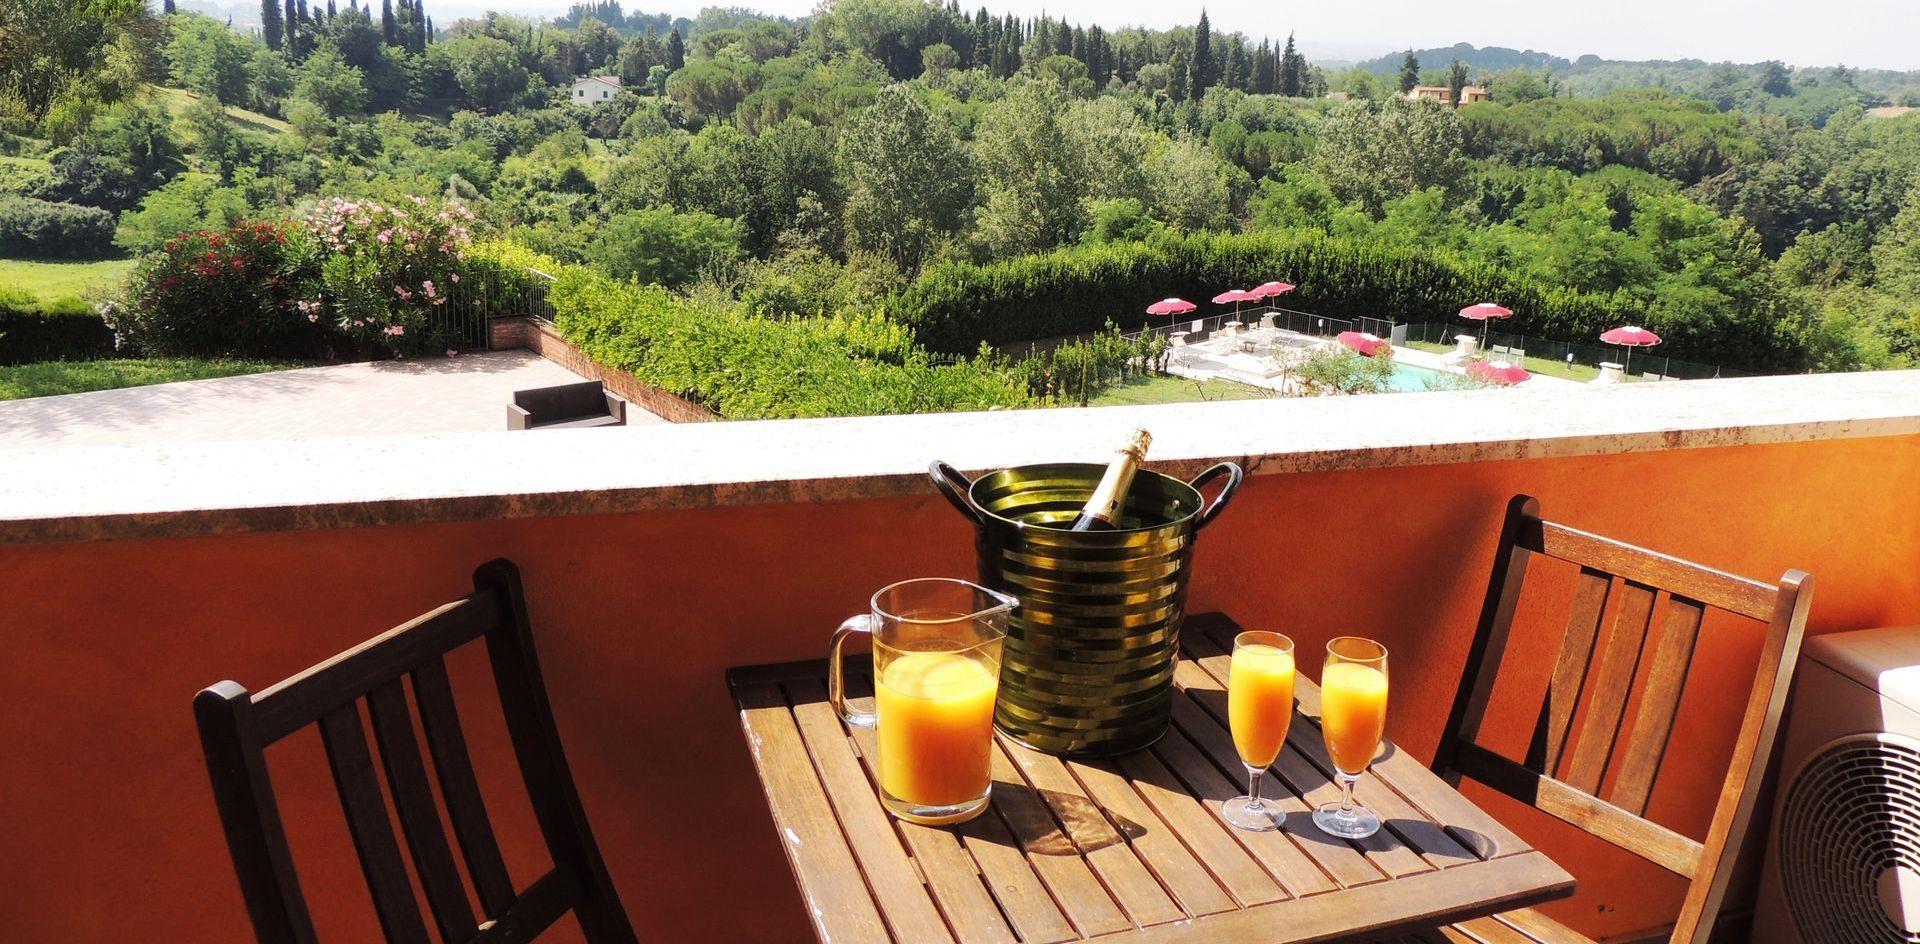 Toskana Ferienhaus und Fewo mit Pool für Familien mit Kindern